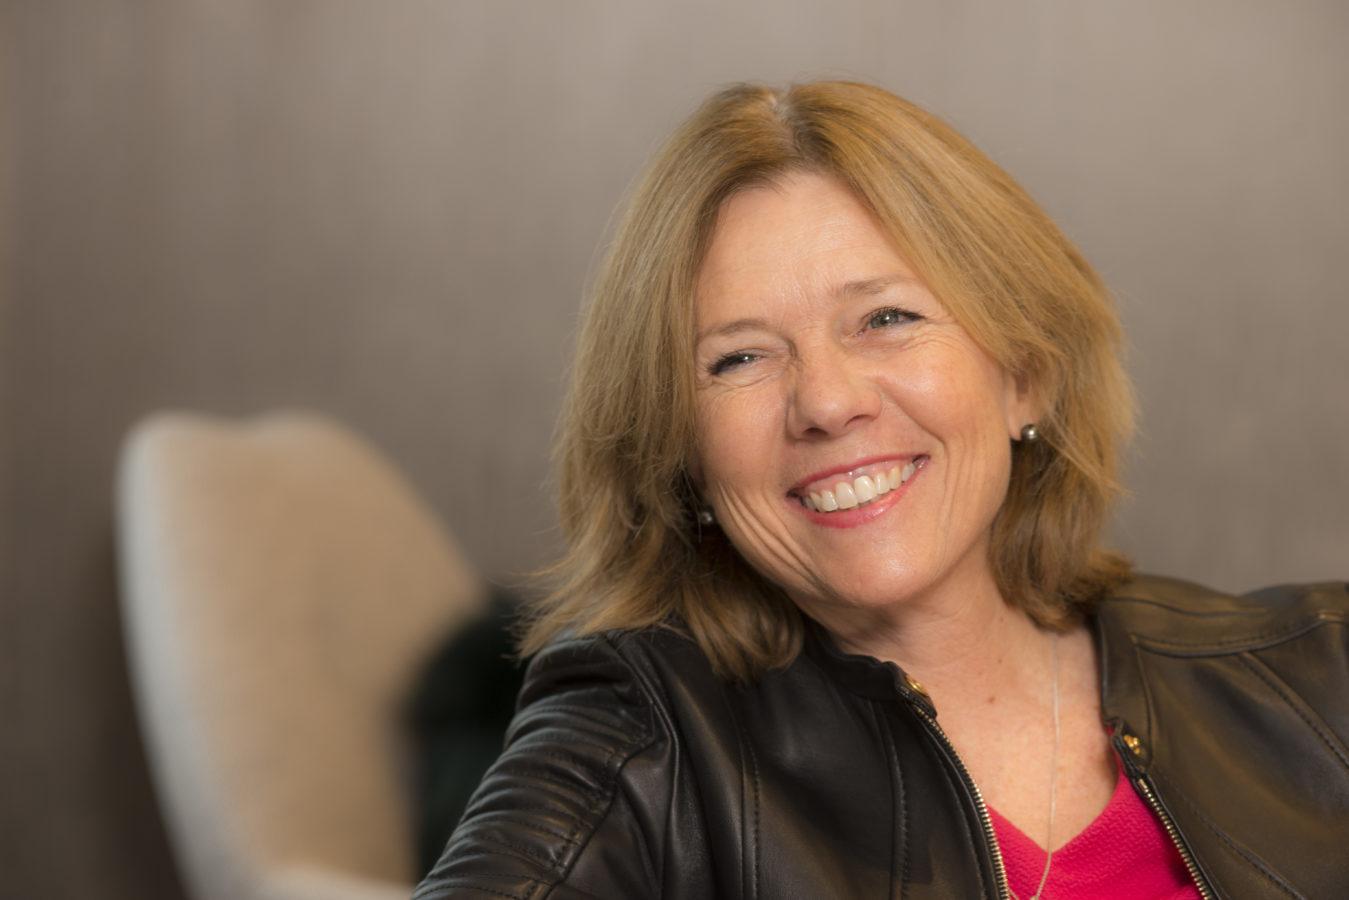 Interview Mme. Elisabeth Thorens: Je suis très satisfaite de mon parcours professionnel car j'ai réalisé toutes mes envies